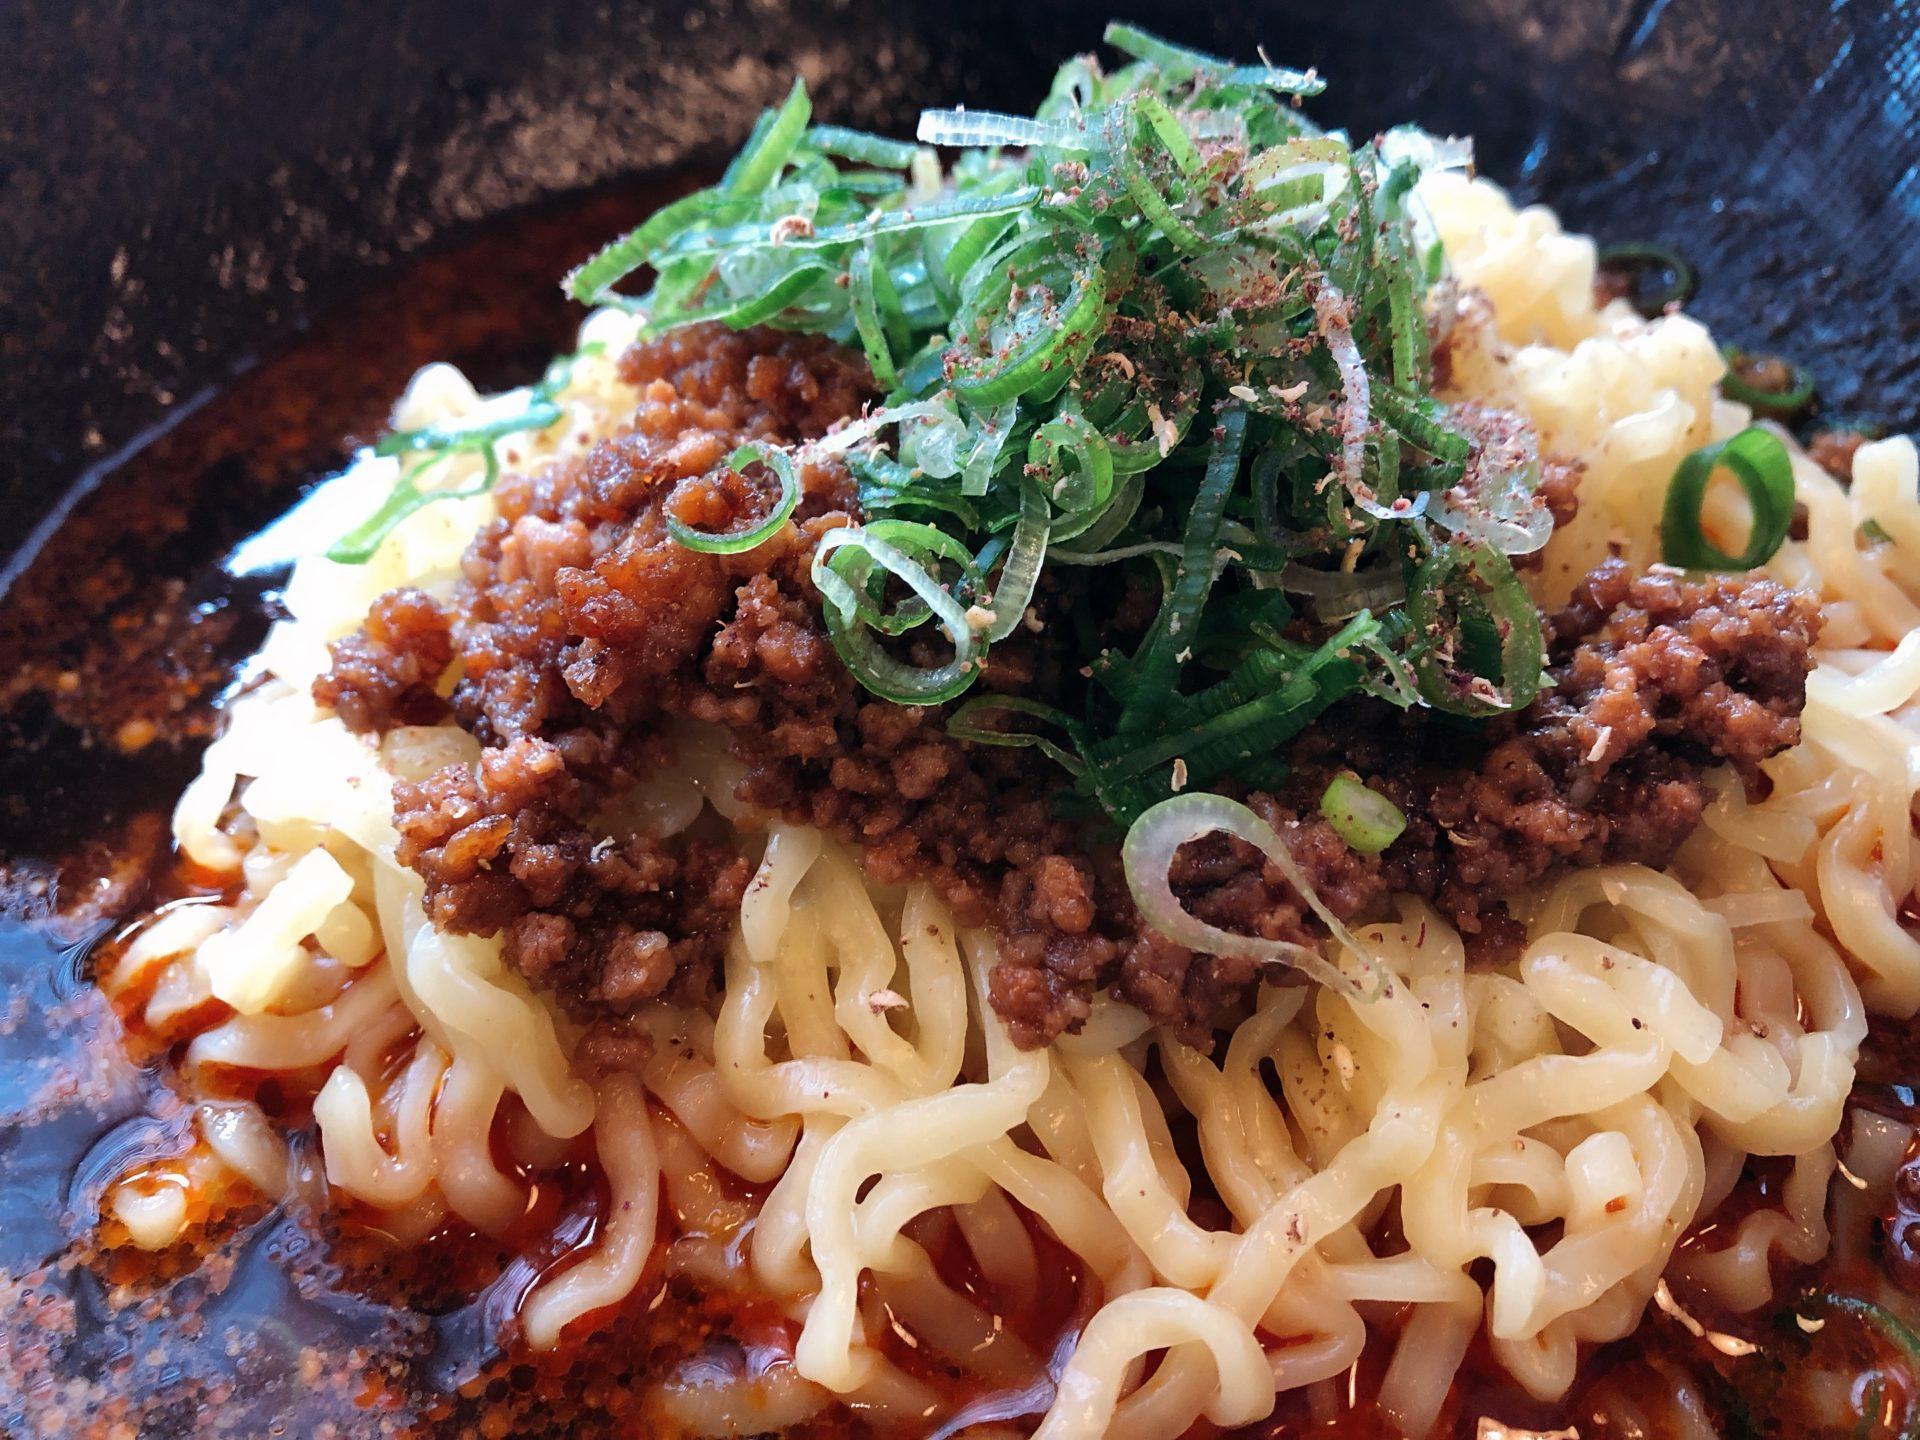 備前西市駅から徒歩5分 10月オープンの 汁なし坦々麺 山貴 岡山店を初訪問!花椒の効いた麺を食べた後の追い飯も美味い!